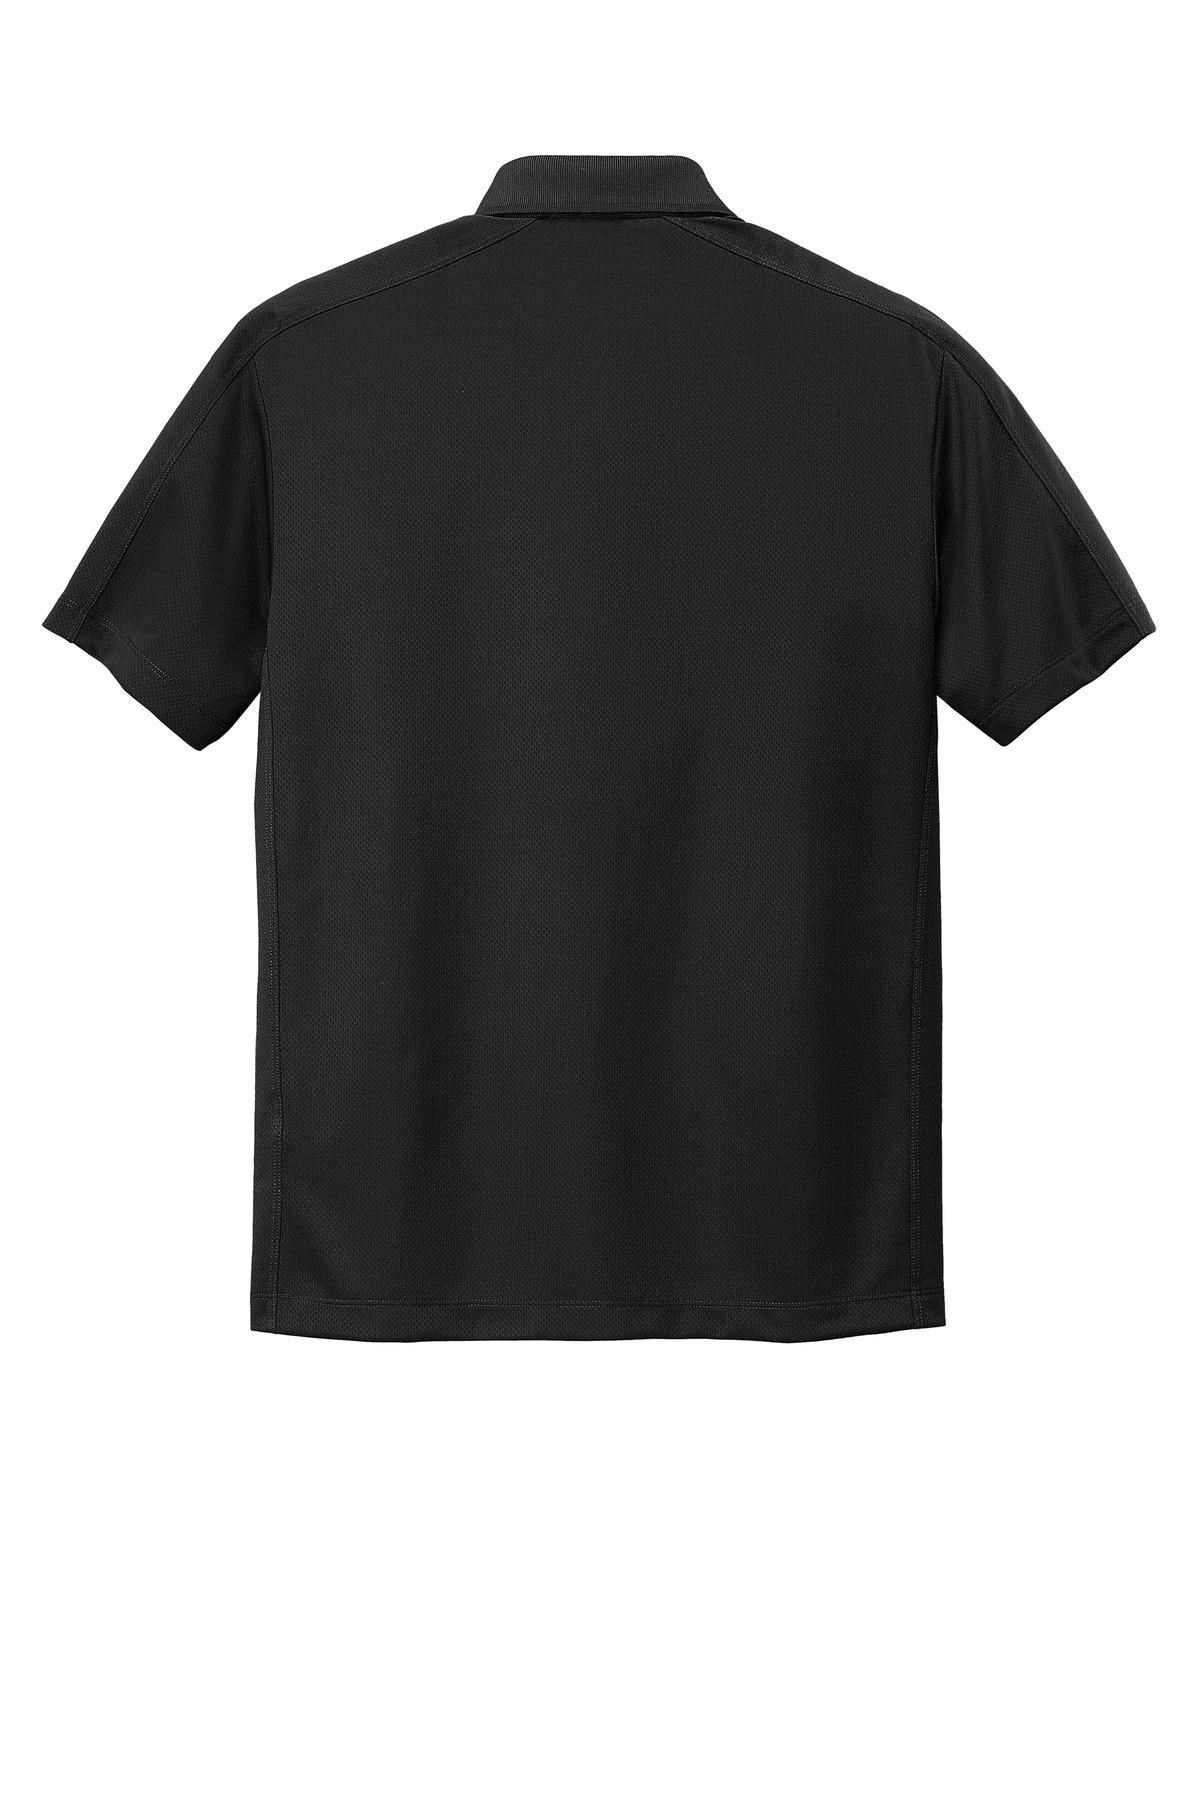 K black flat back